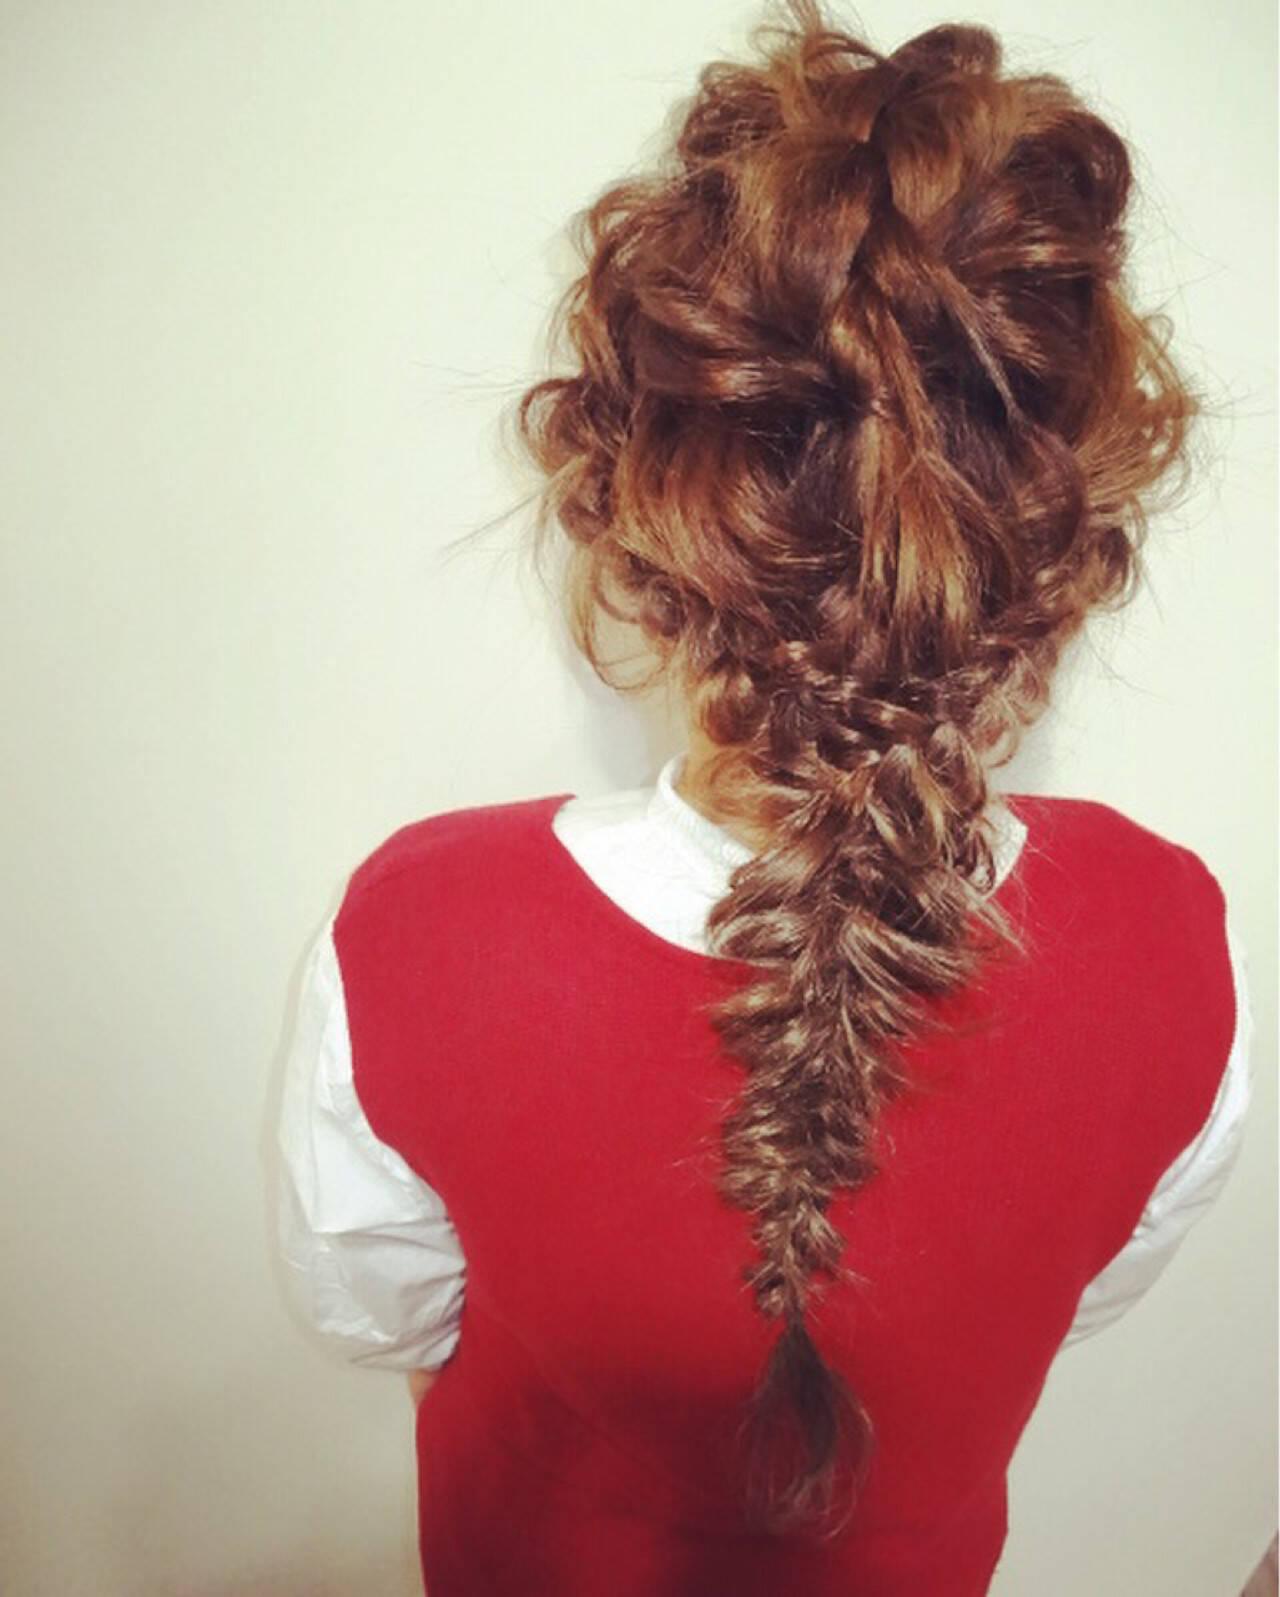 ヘアアレンジ 簡単ヘアアレンジ 大人女子 ゆるふわヘアスタイルや髪型の写真・画像